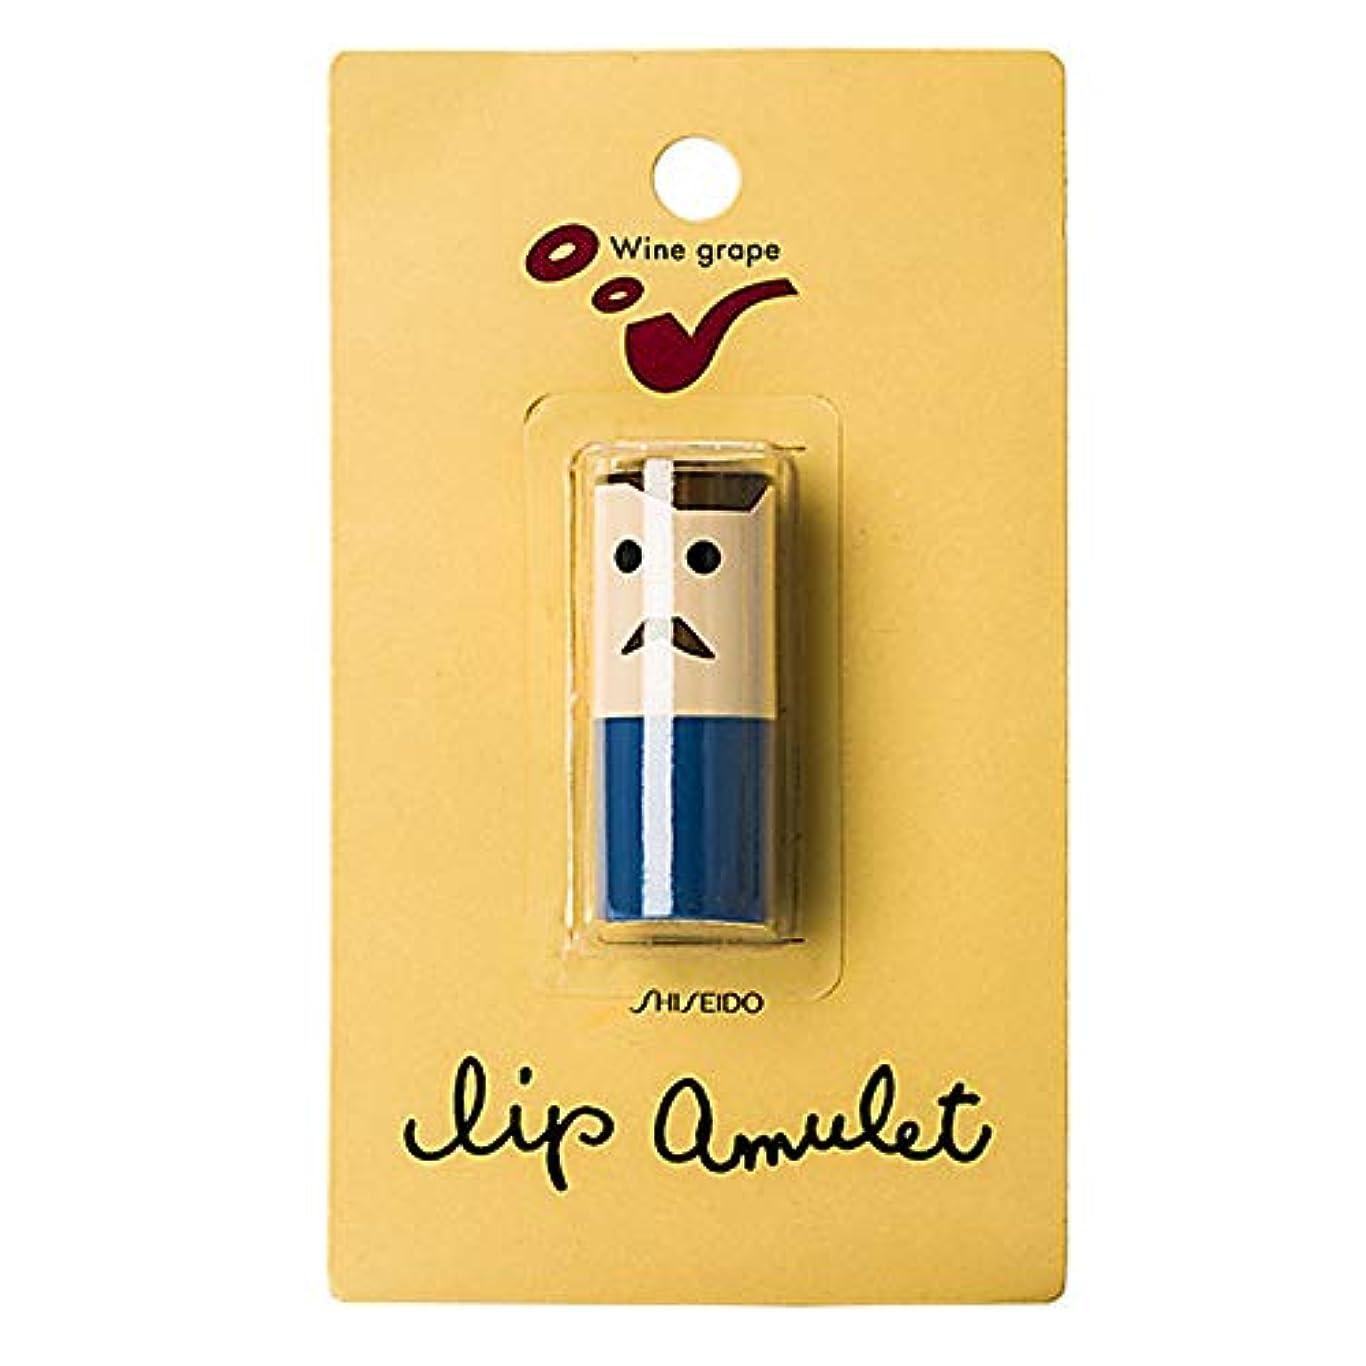 ビスケットアリーナ起こりやすい【台湾限定】資生堂 Shiseido リップアミュレット Lip Amulet お土産 コスメ 色つきリップ 単品 葡萄酒紅 (ワイングレープ) [並行輸入品]